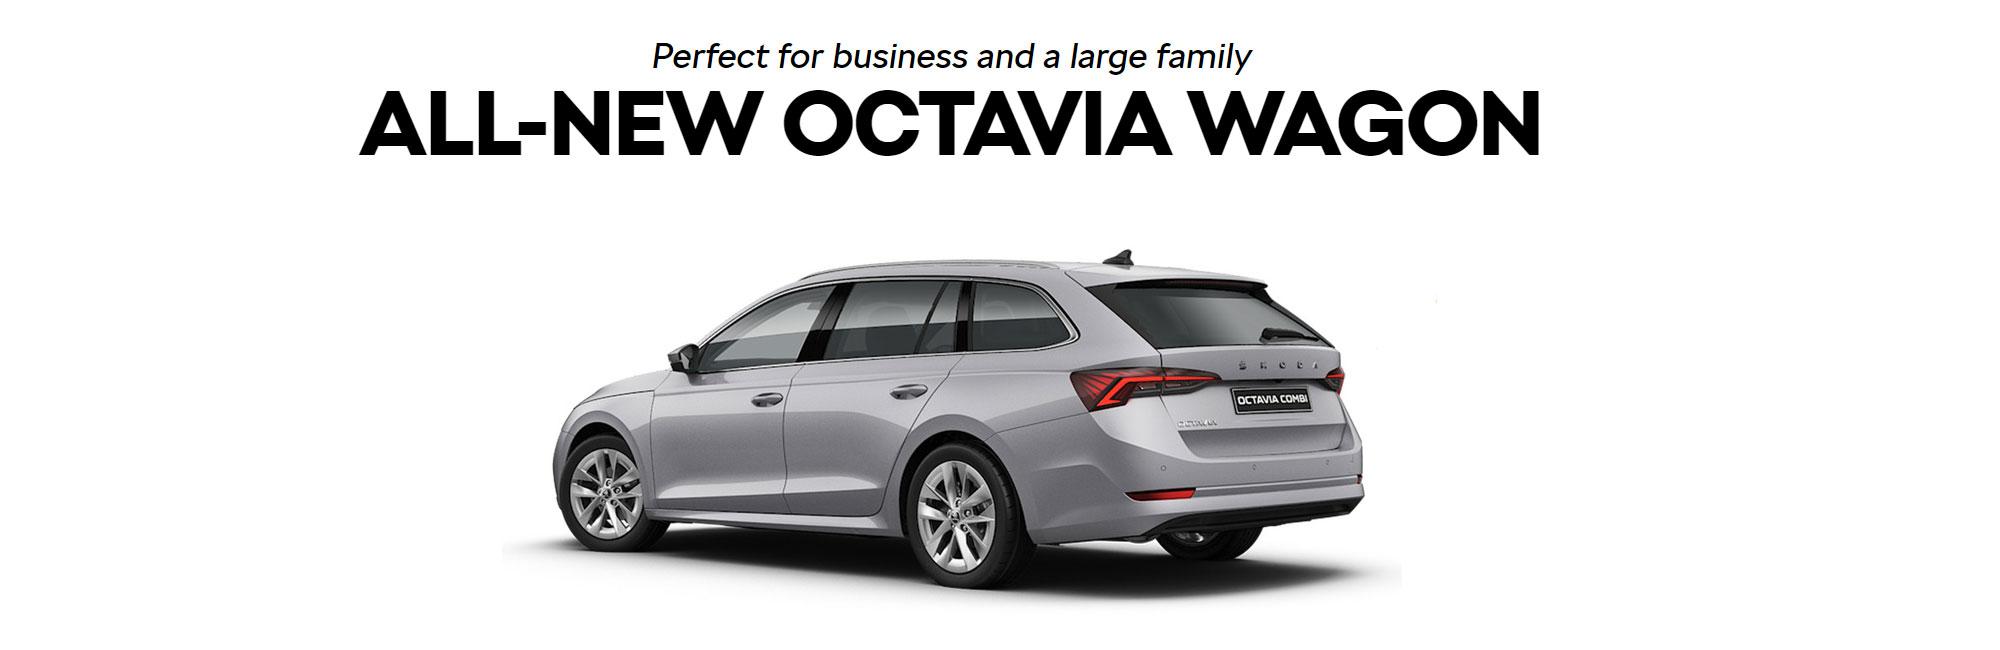 octavia-wagon